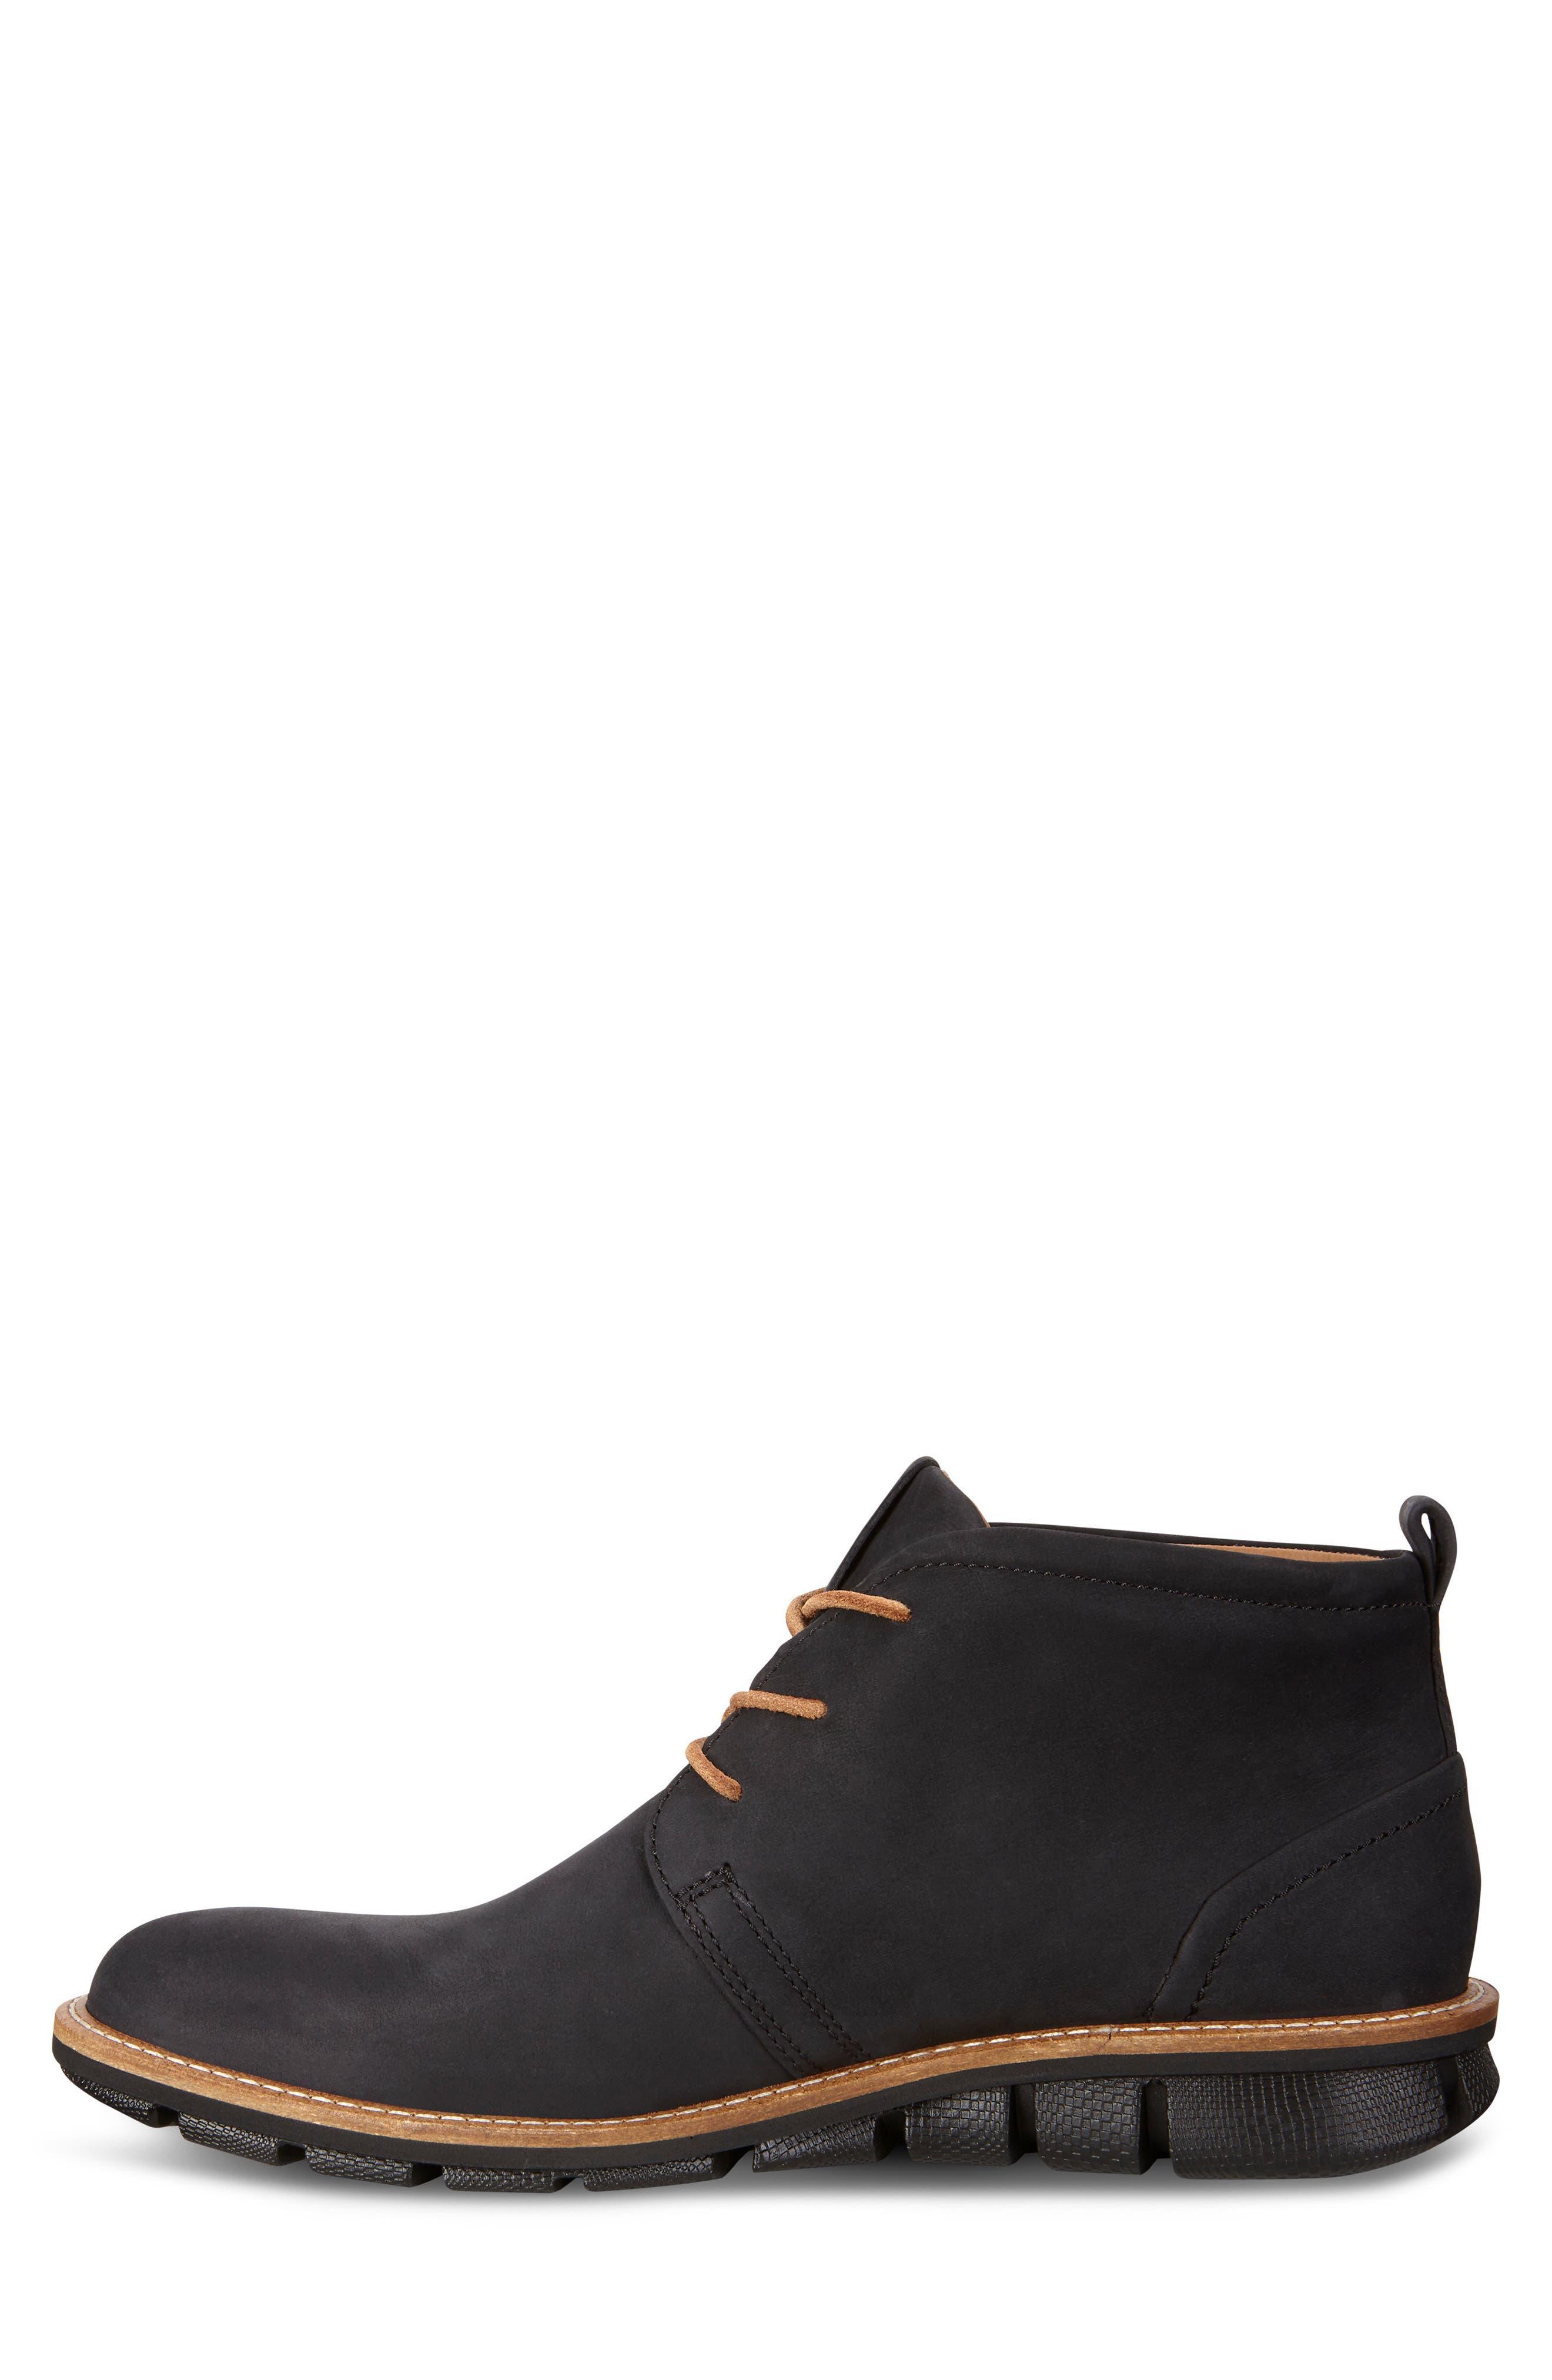 'Jeremy Hybrid' Plain Toe Boot,                             Alternate thumbnail 8, color,                             BLACK LEATHER